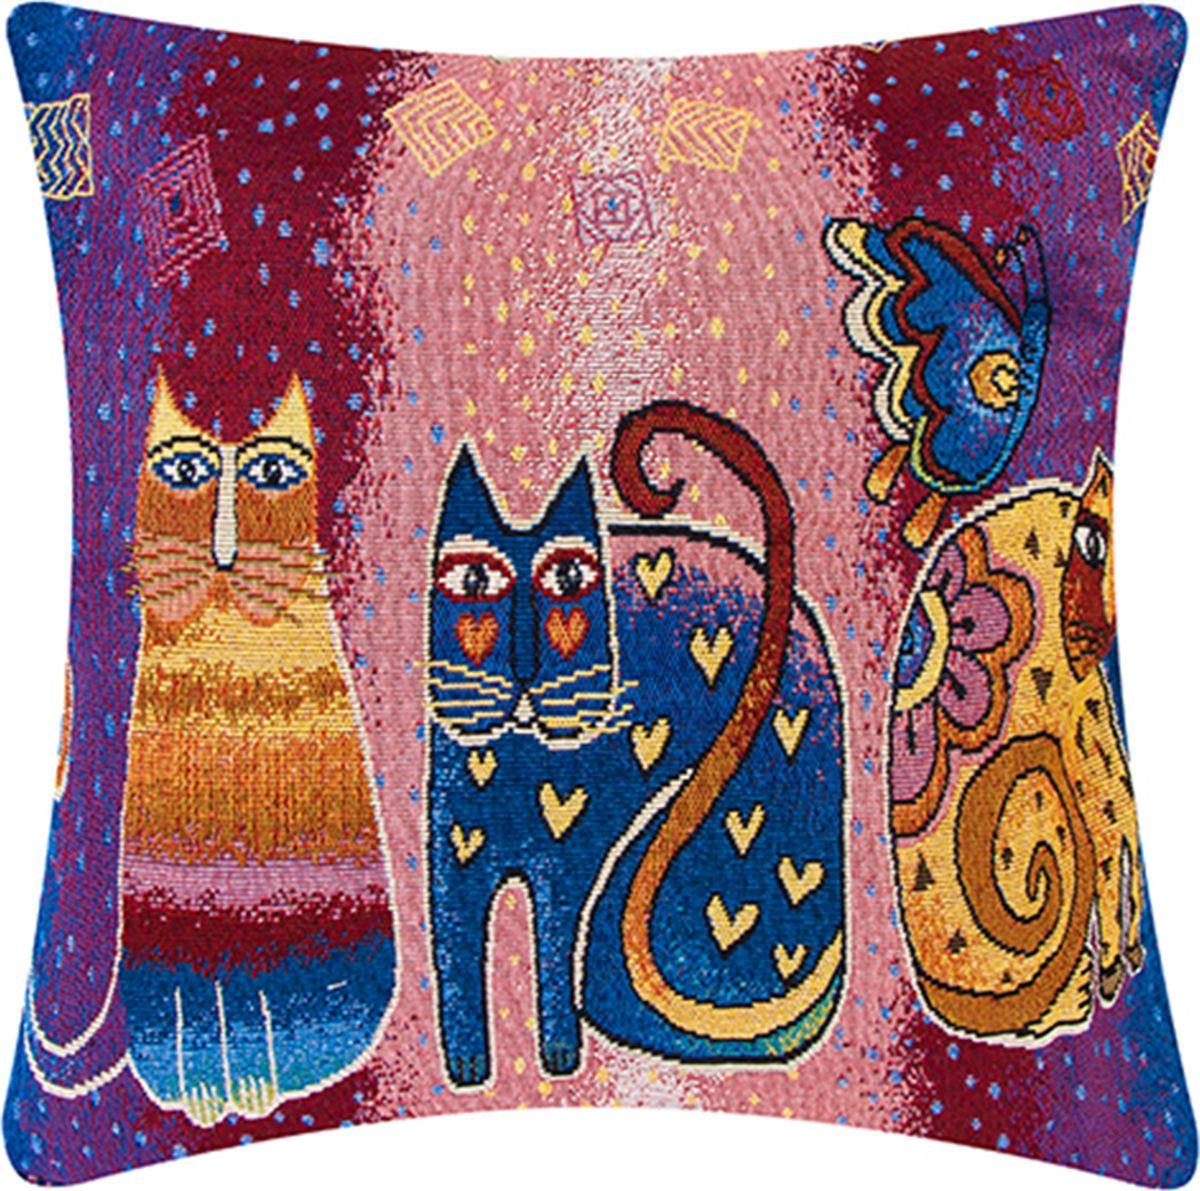 Подушка декоративная EL Casa Винтажные кошки, 43 x 43 см171692Подушка декоративная EL Casa Винтажные кошки прекрасно дополнит интерьер спальни или гостиной. Она легко снимается, благодаря молнии. Внутри подушки находится мягкий наполнитель.Состав наволочки: лен 50%, полиэстер 50%.